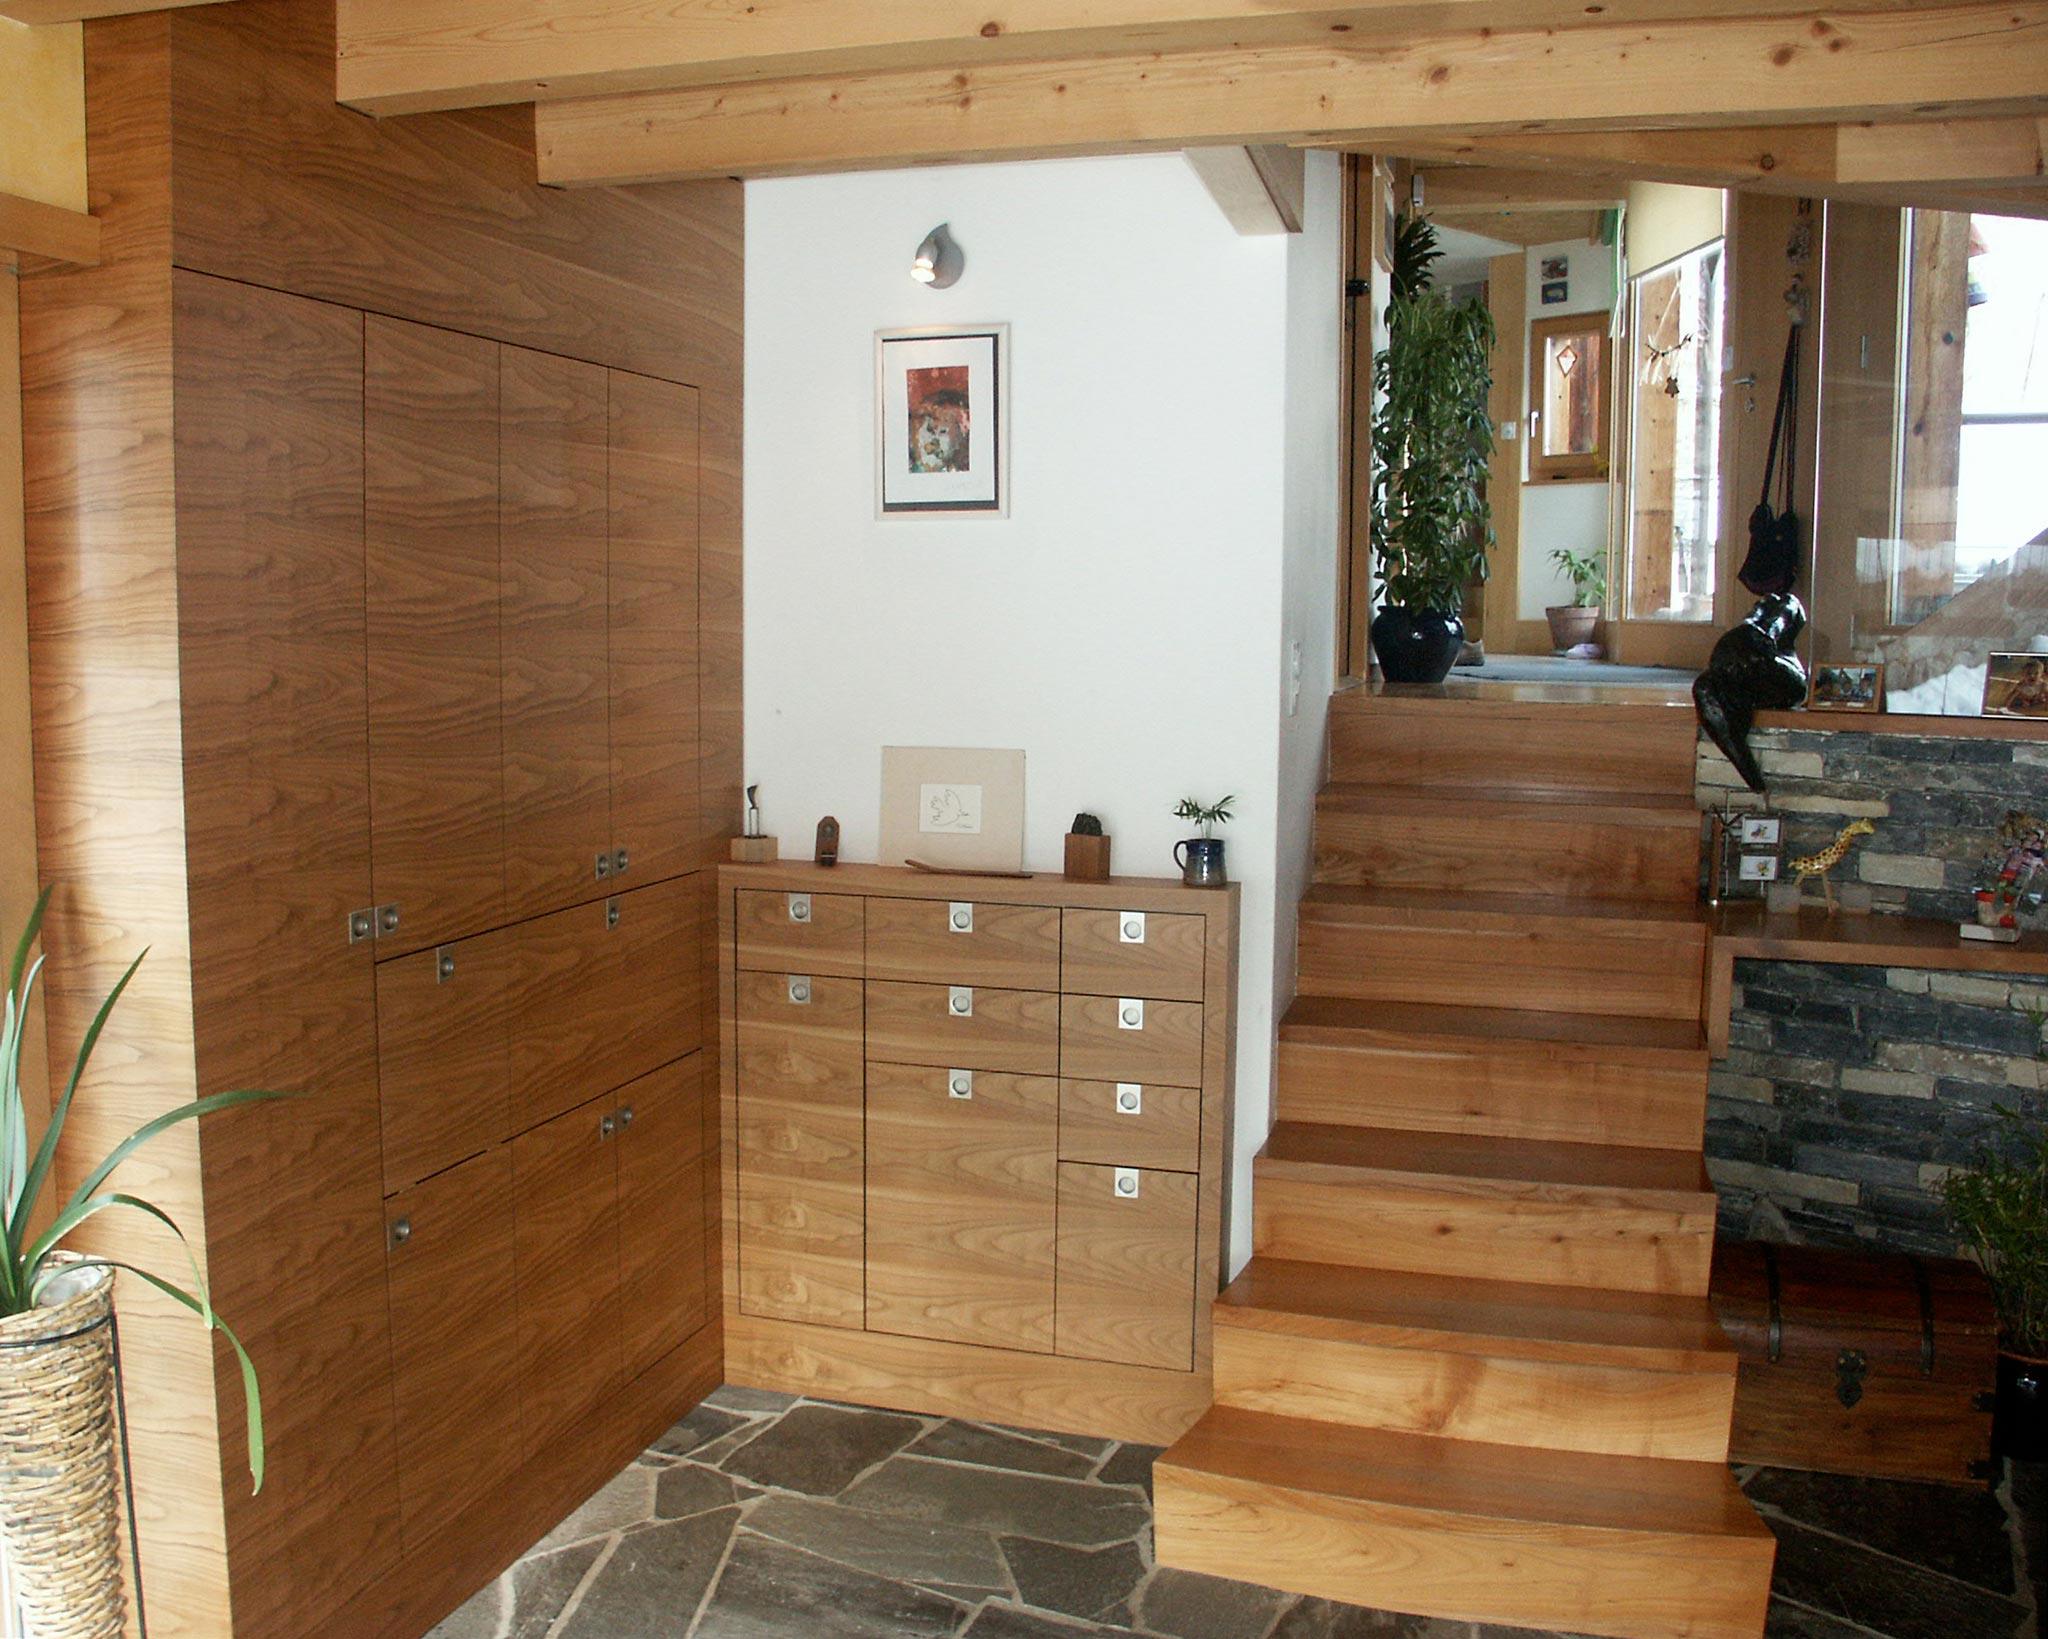 ES Dar fre cuisine hor 20 05 072 - Les escaliers de la grange